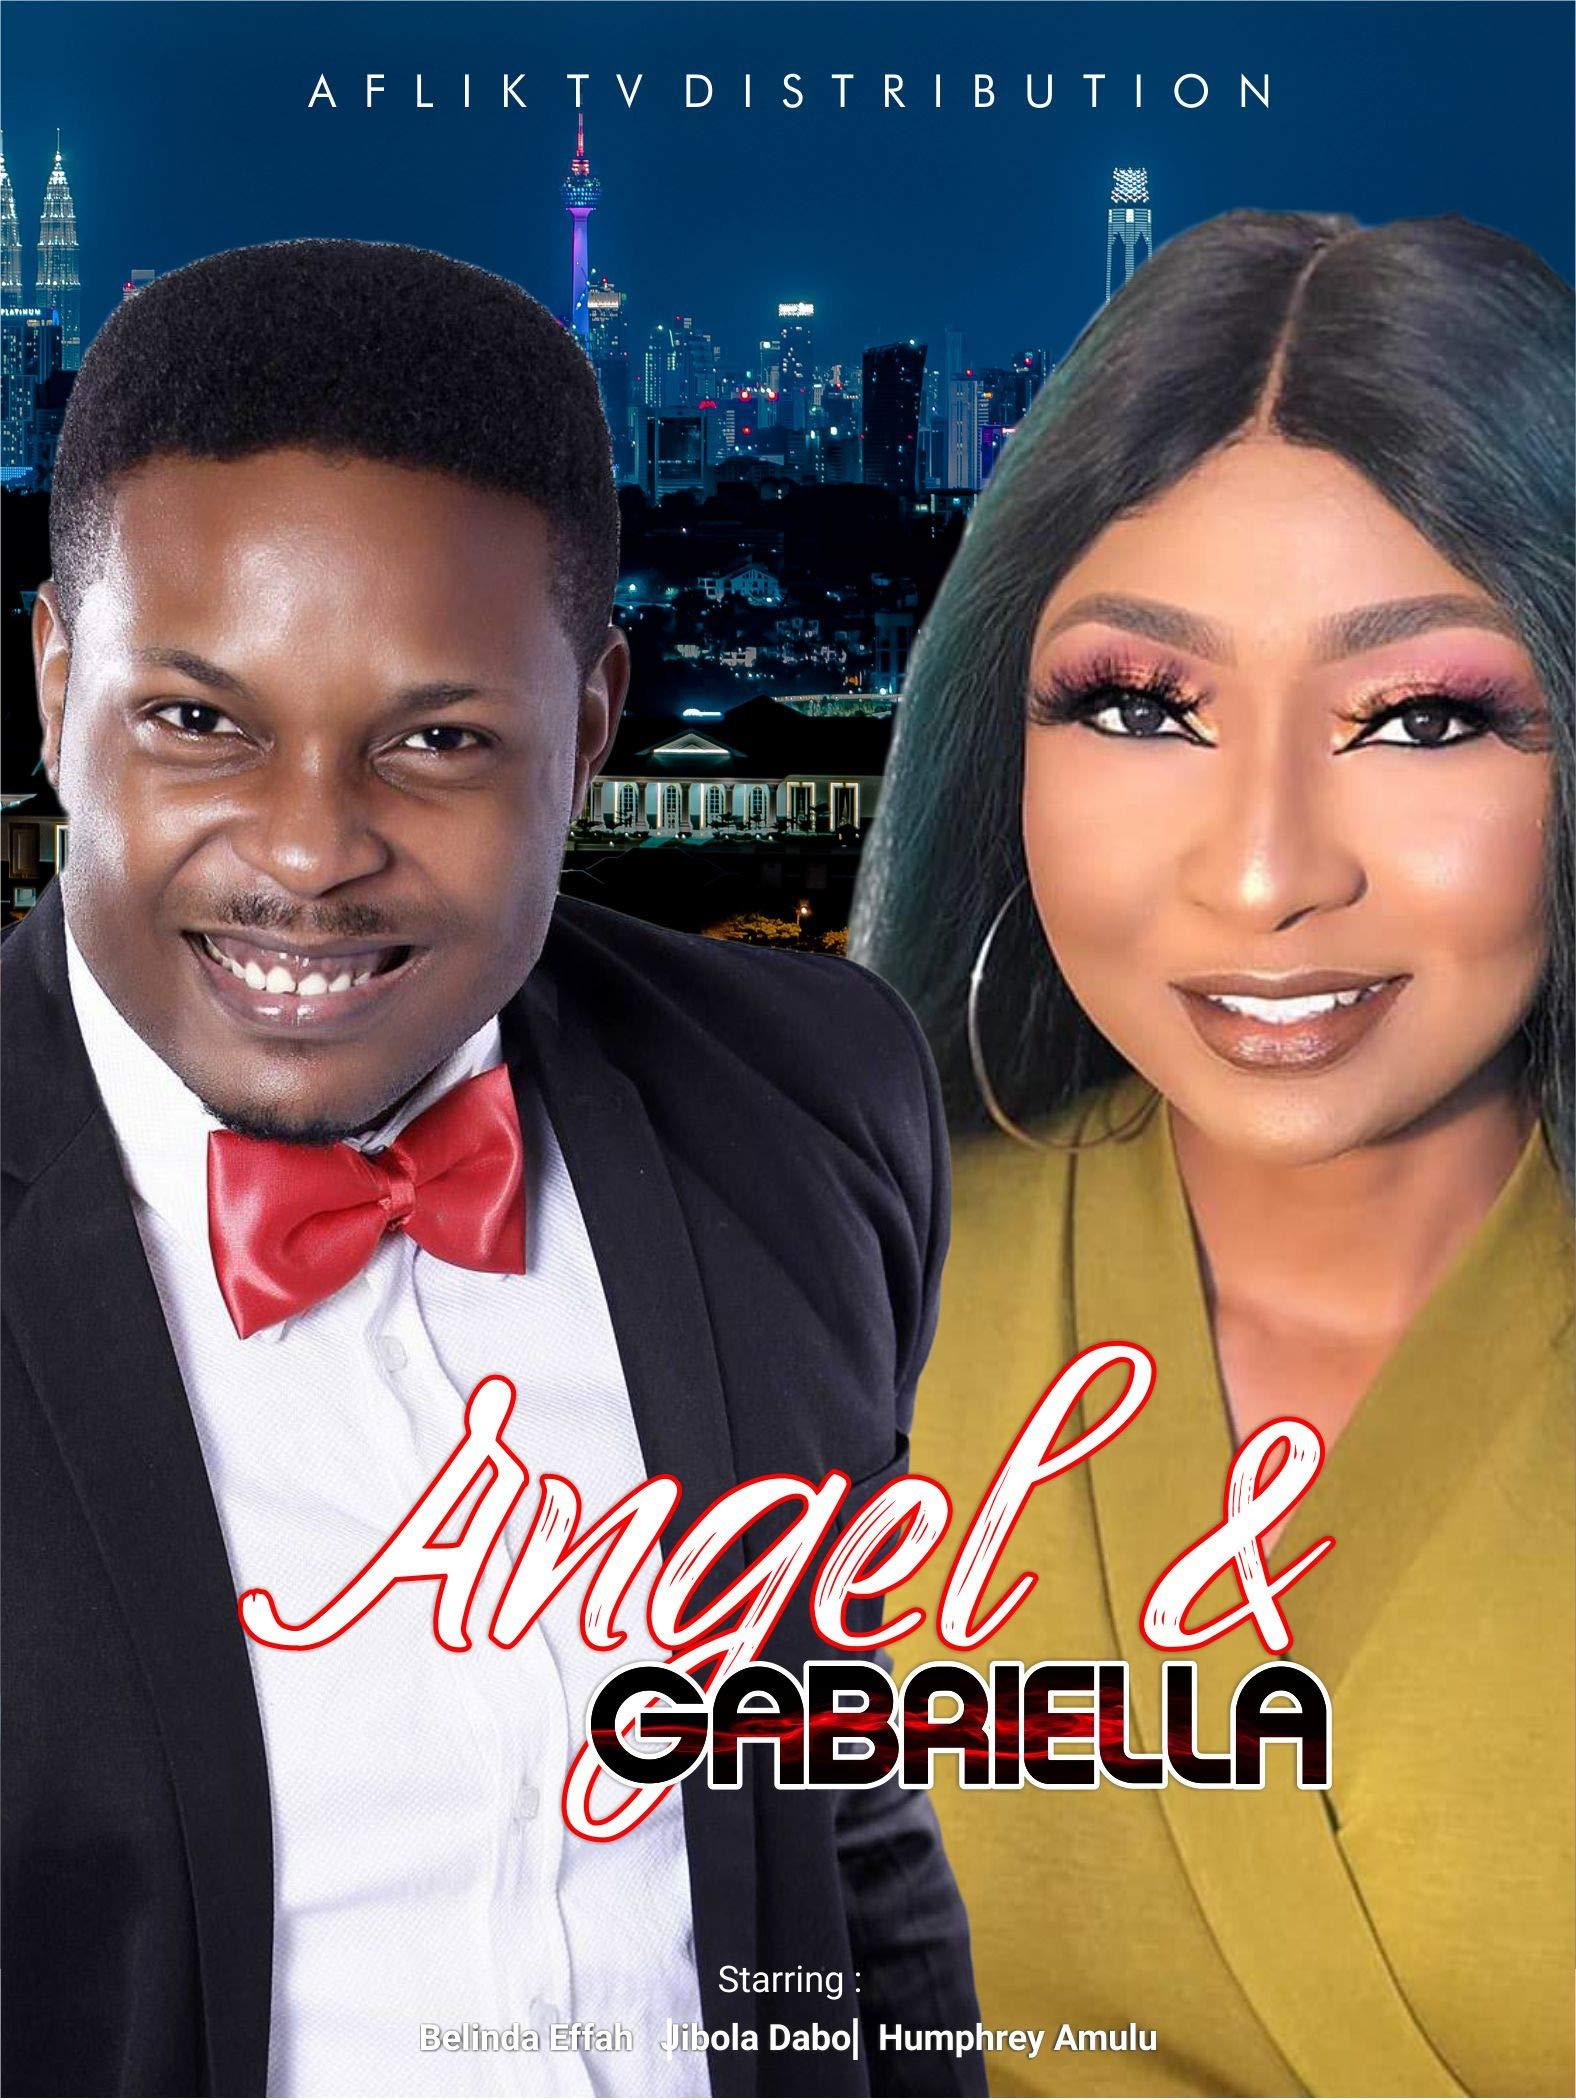 Angel and gabriela